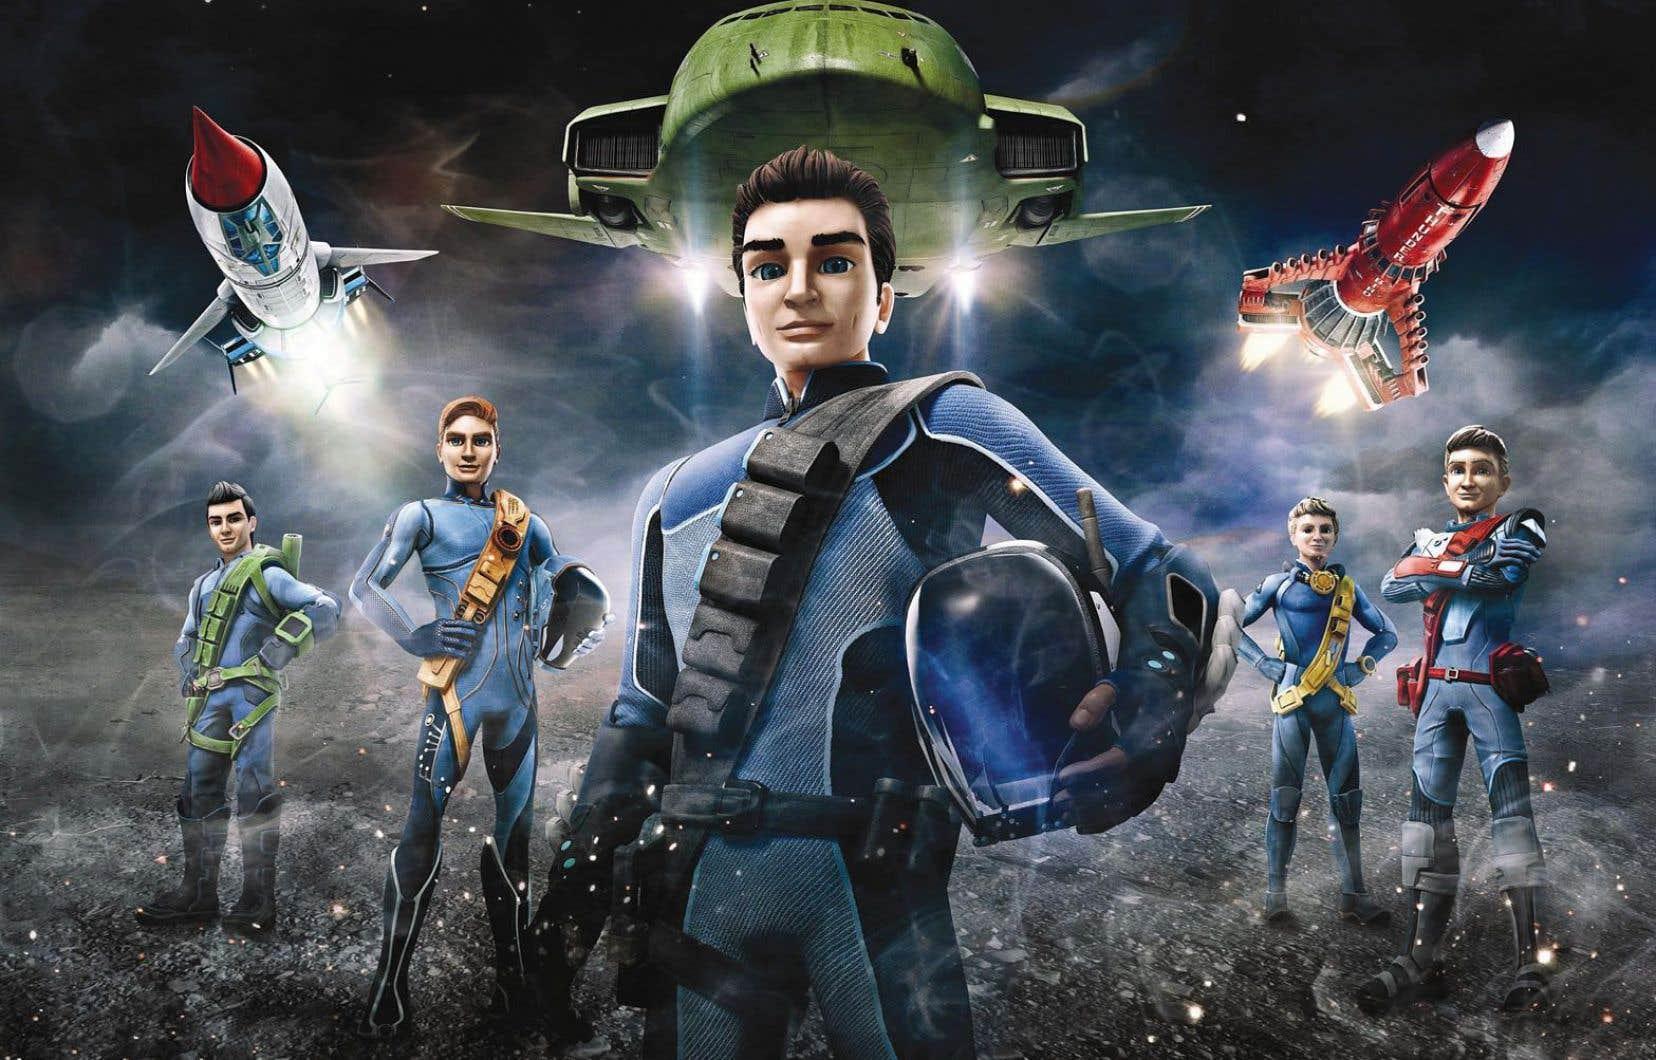 La nouvelle version des «Sentinelles de l'air», en animation 3D et prise de vue réelle, offre une qualité visuelle fort réussie.